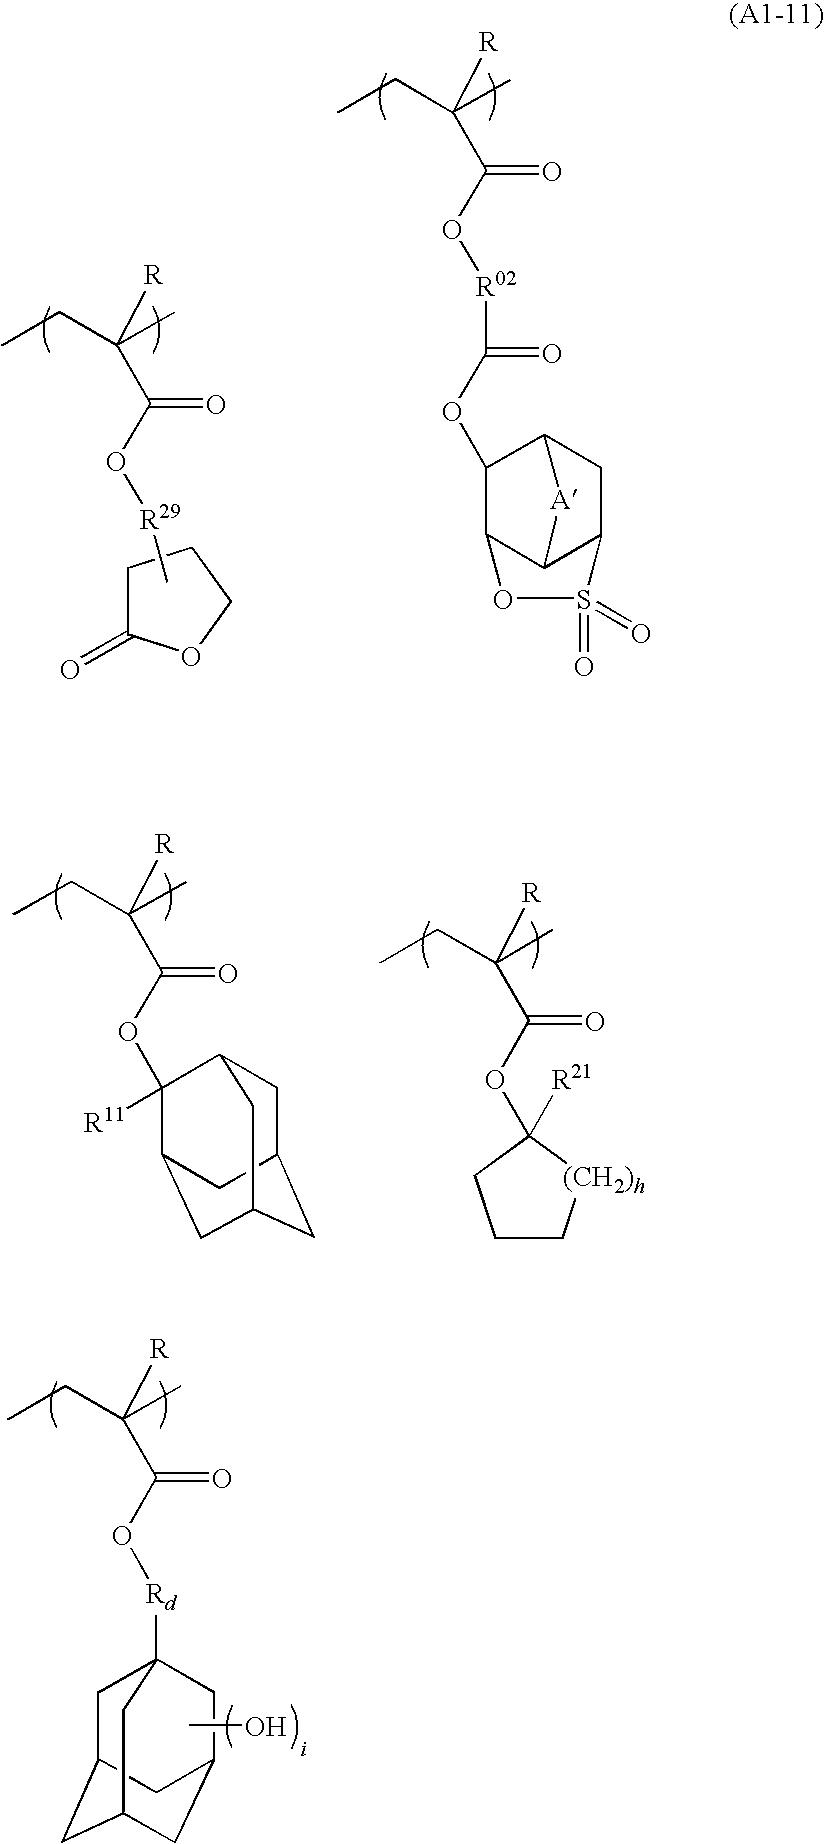 Figure US20100136480A1-20100603-C00073